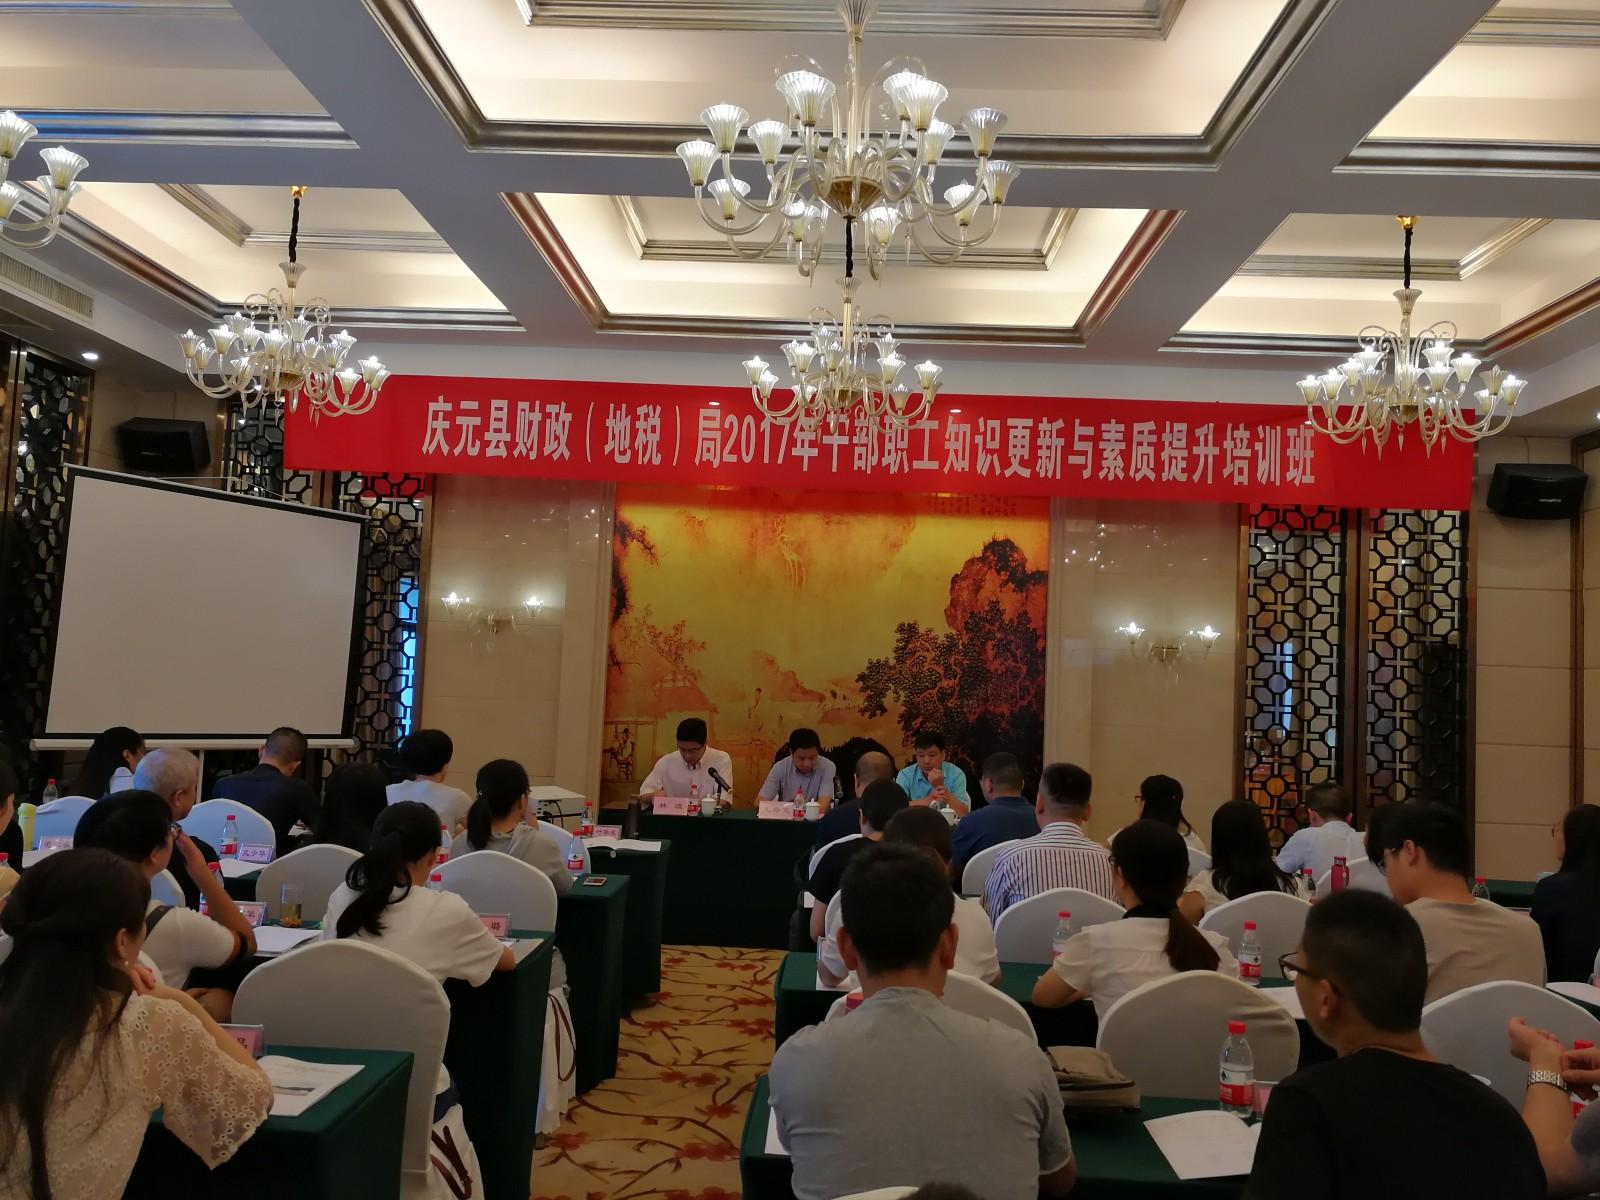 庆元县财政(地税)局2017年干部职工知识更新与素质提升培训班开班典礼